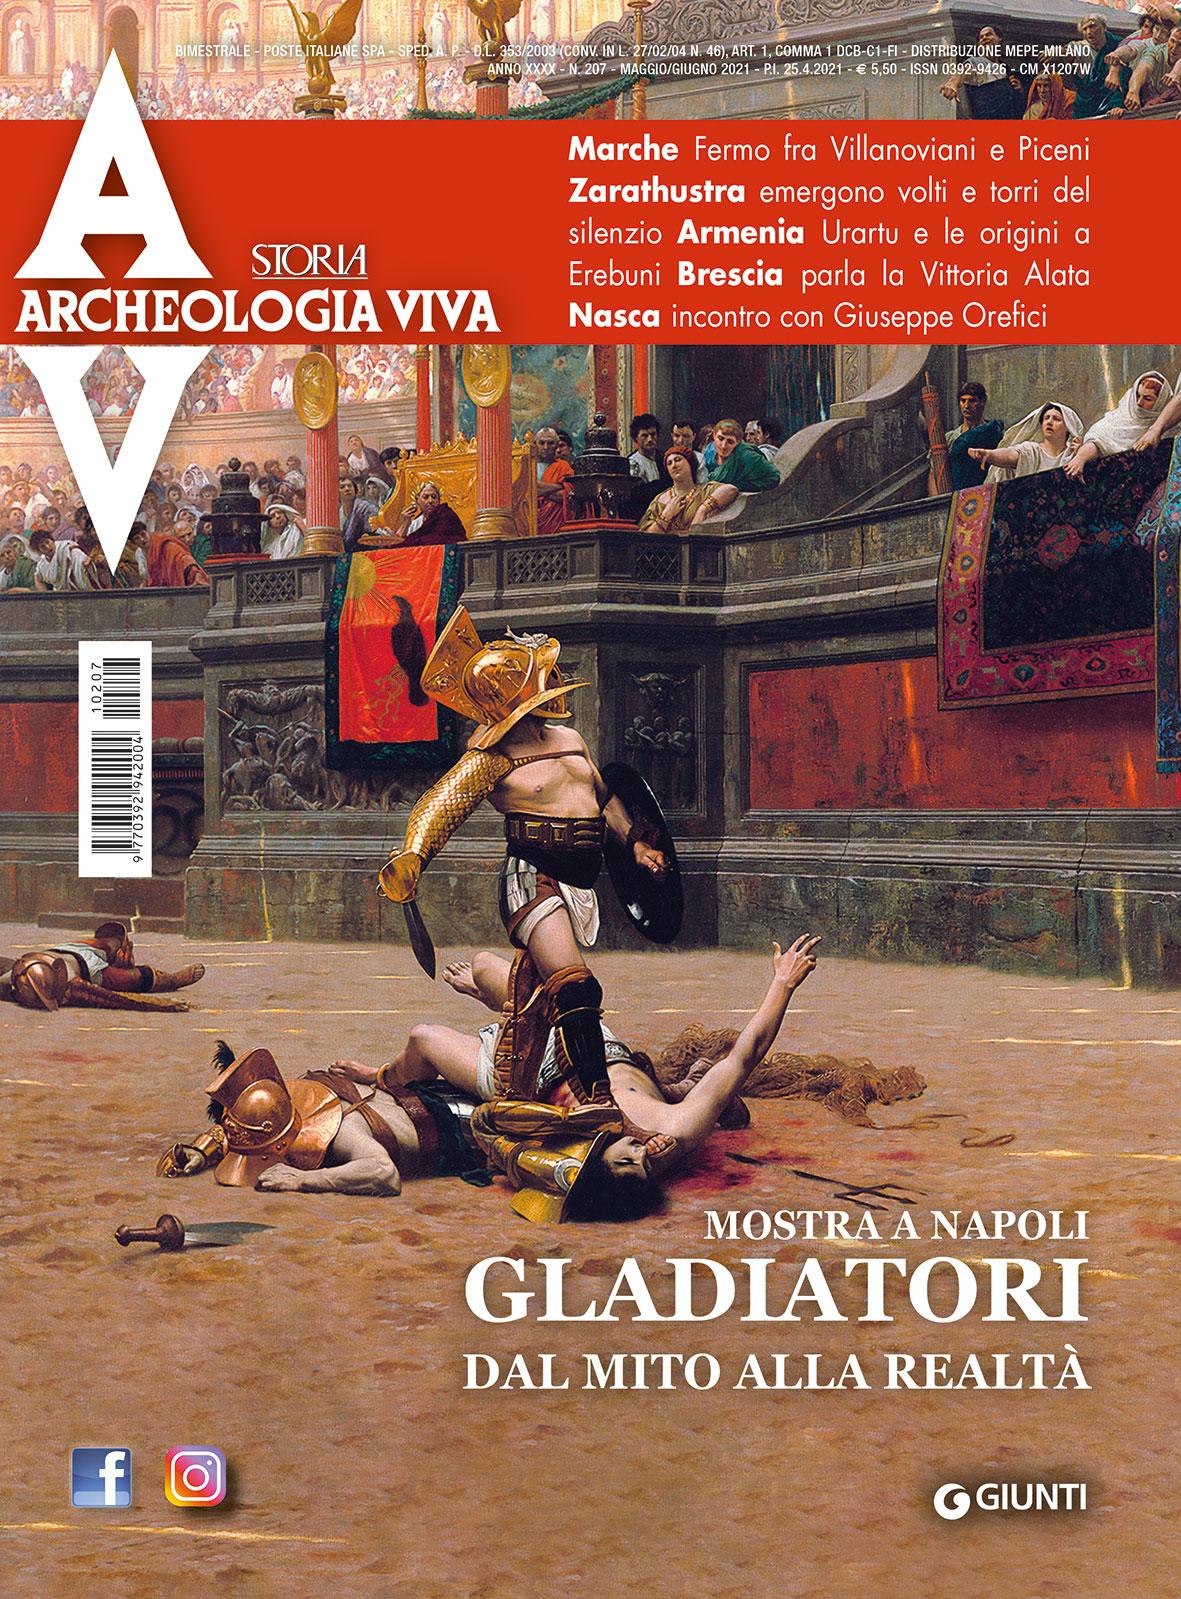 Archeologia Viva n. 207 - maggio/giugno 2021